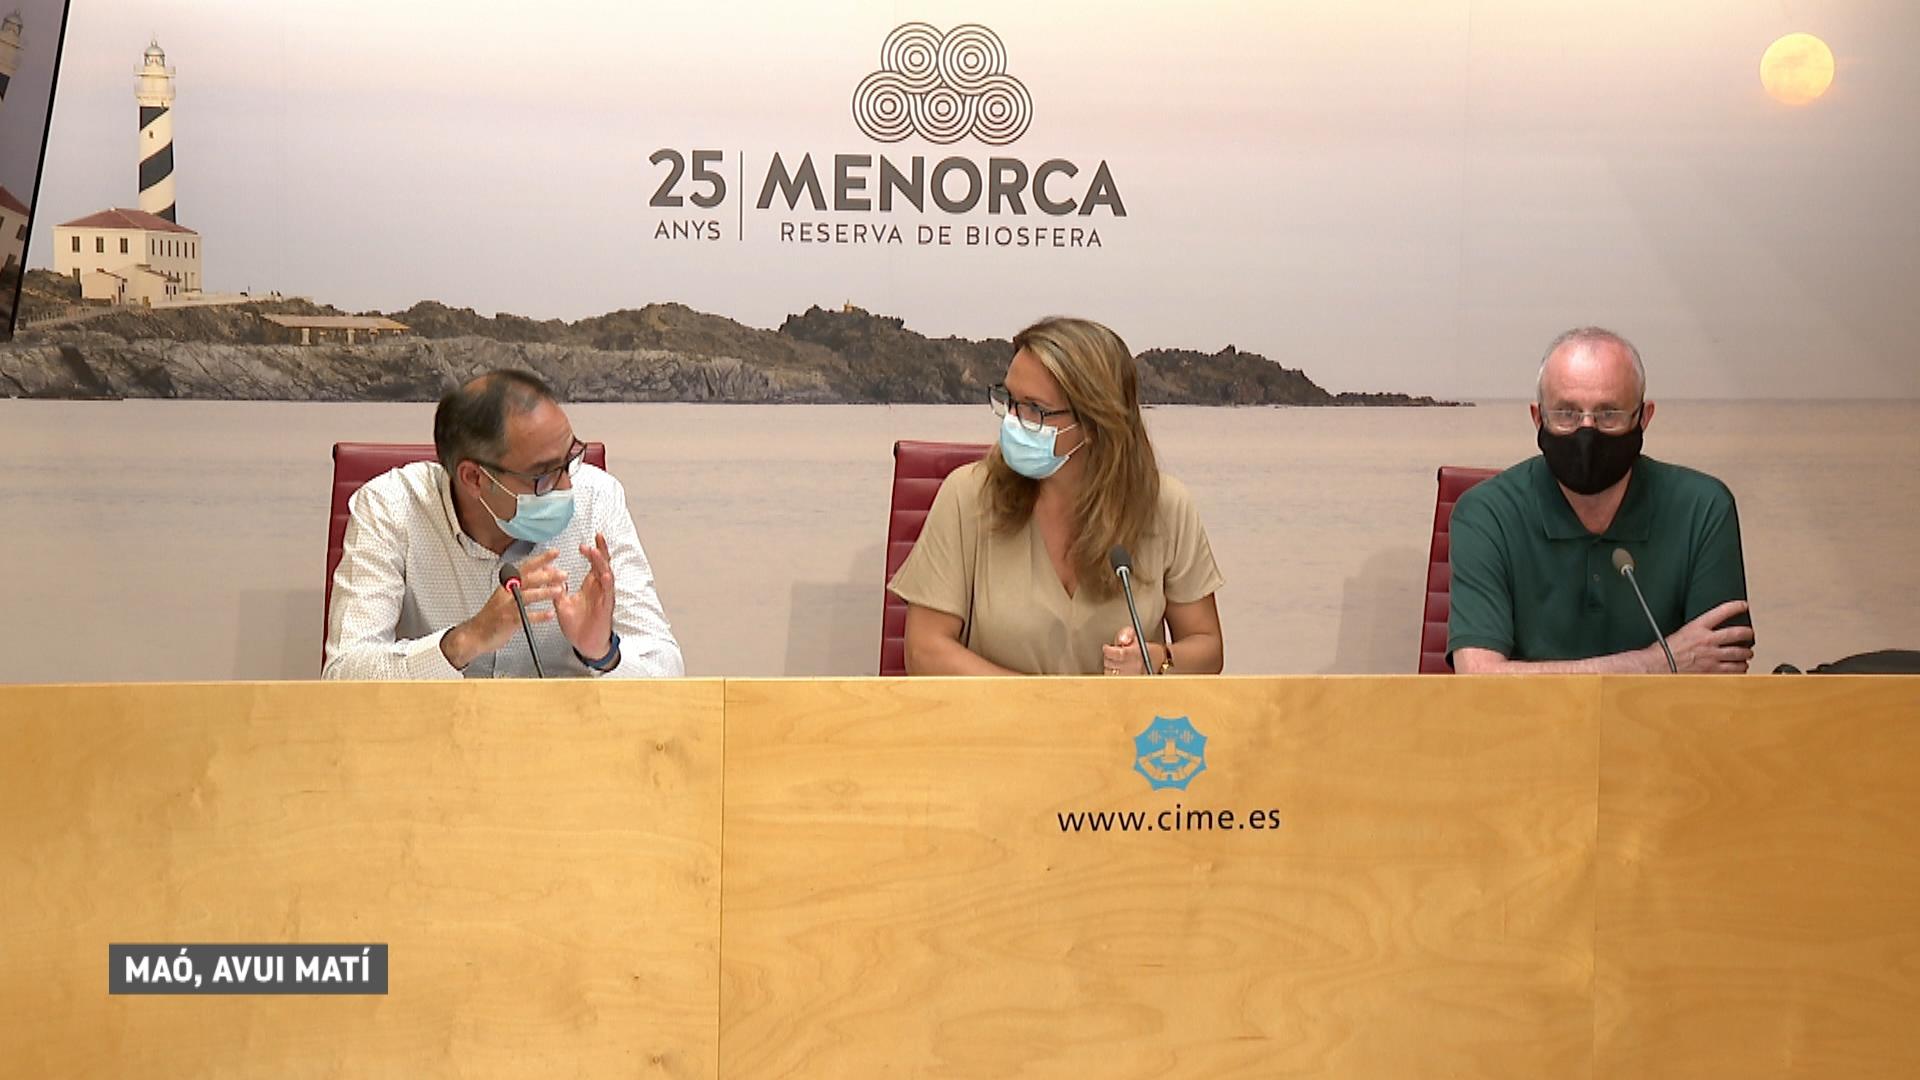 Menorca+repartir%C3%A0+2+milions+d%27euros+en+forma+de+vals+per+gastar+a+les+empreses+locals